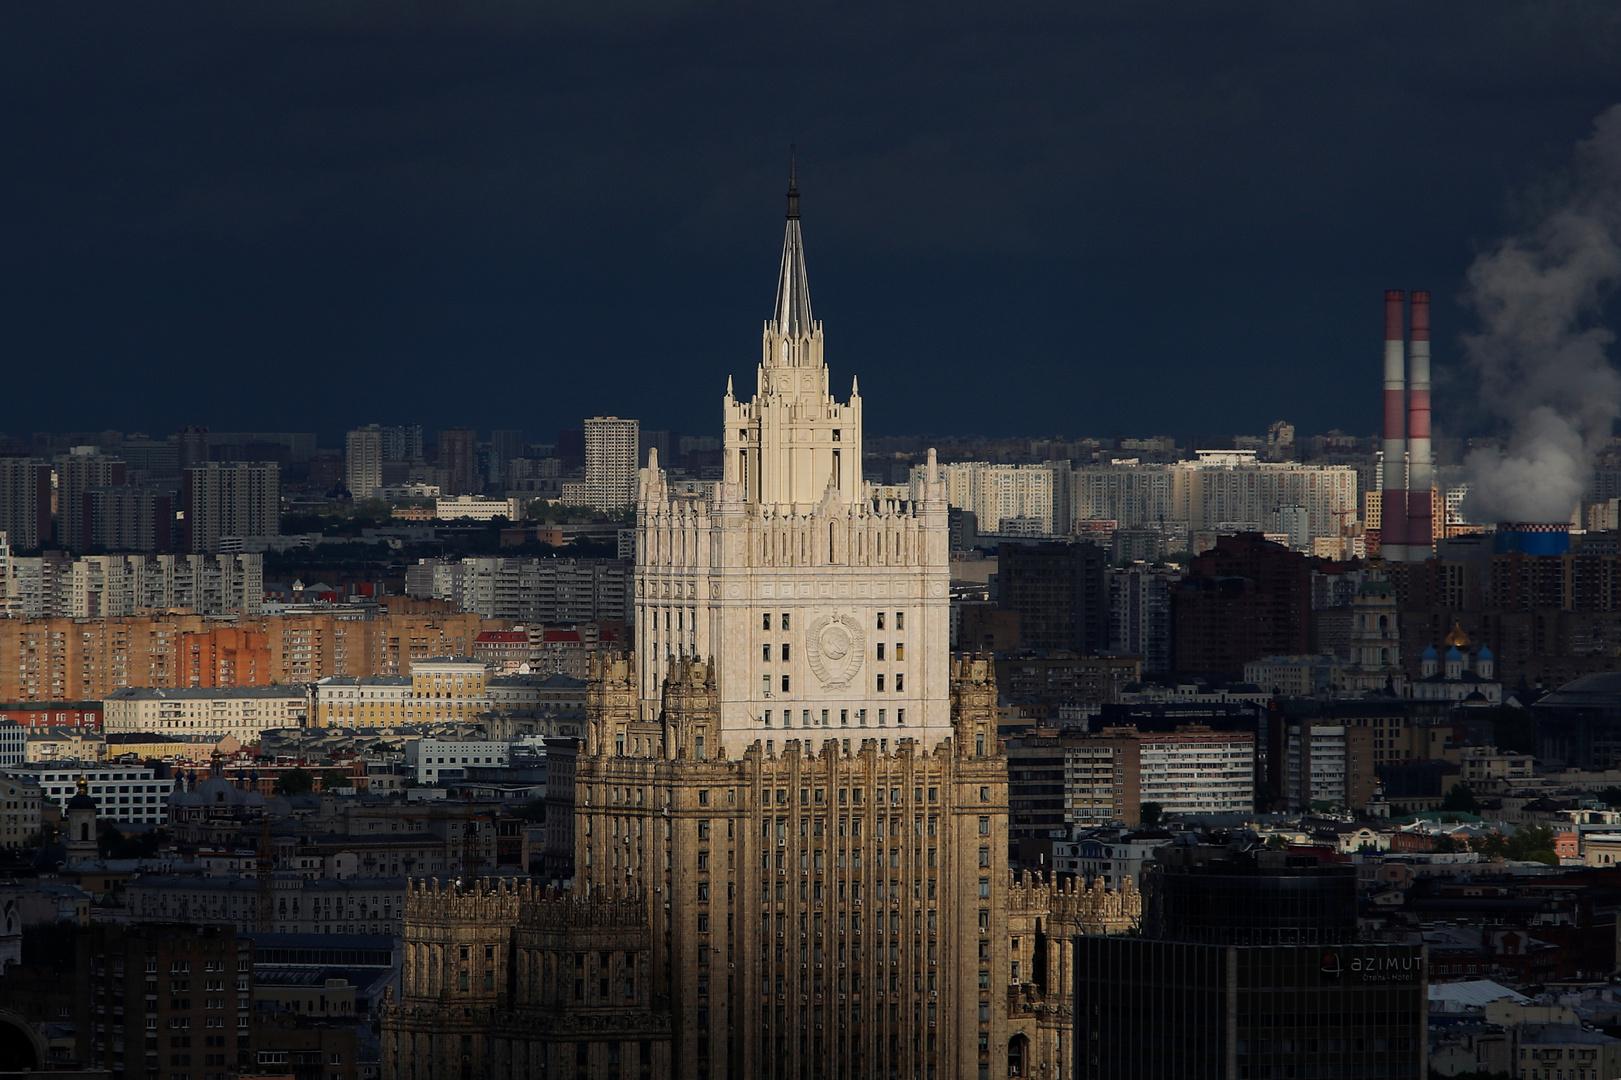 الخارجية الروسية: موسكو على اتصال مع أنقرة بشأن مشاركة مرتزقة من سوريا وليبيا في معارك قره باغ